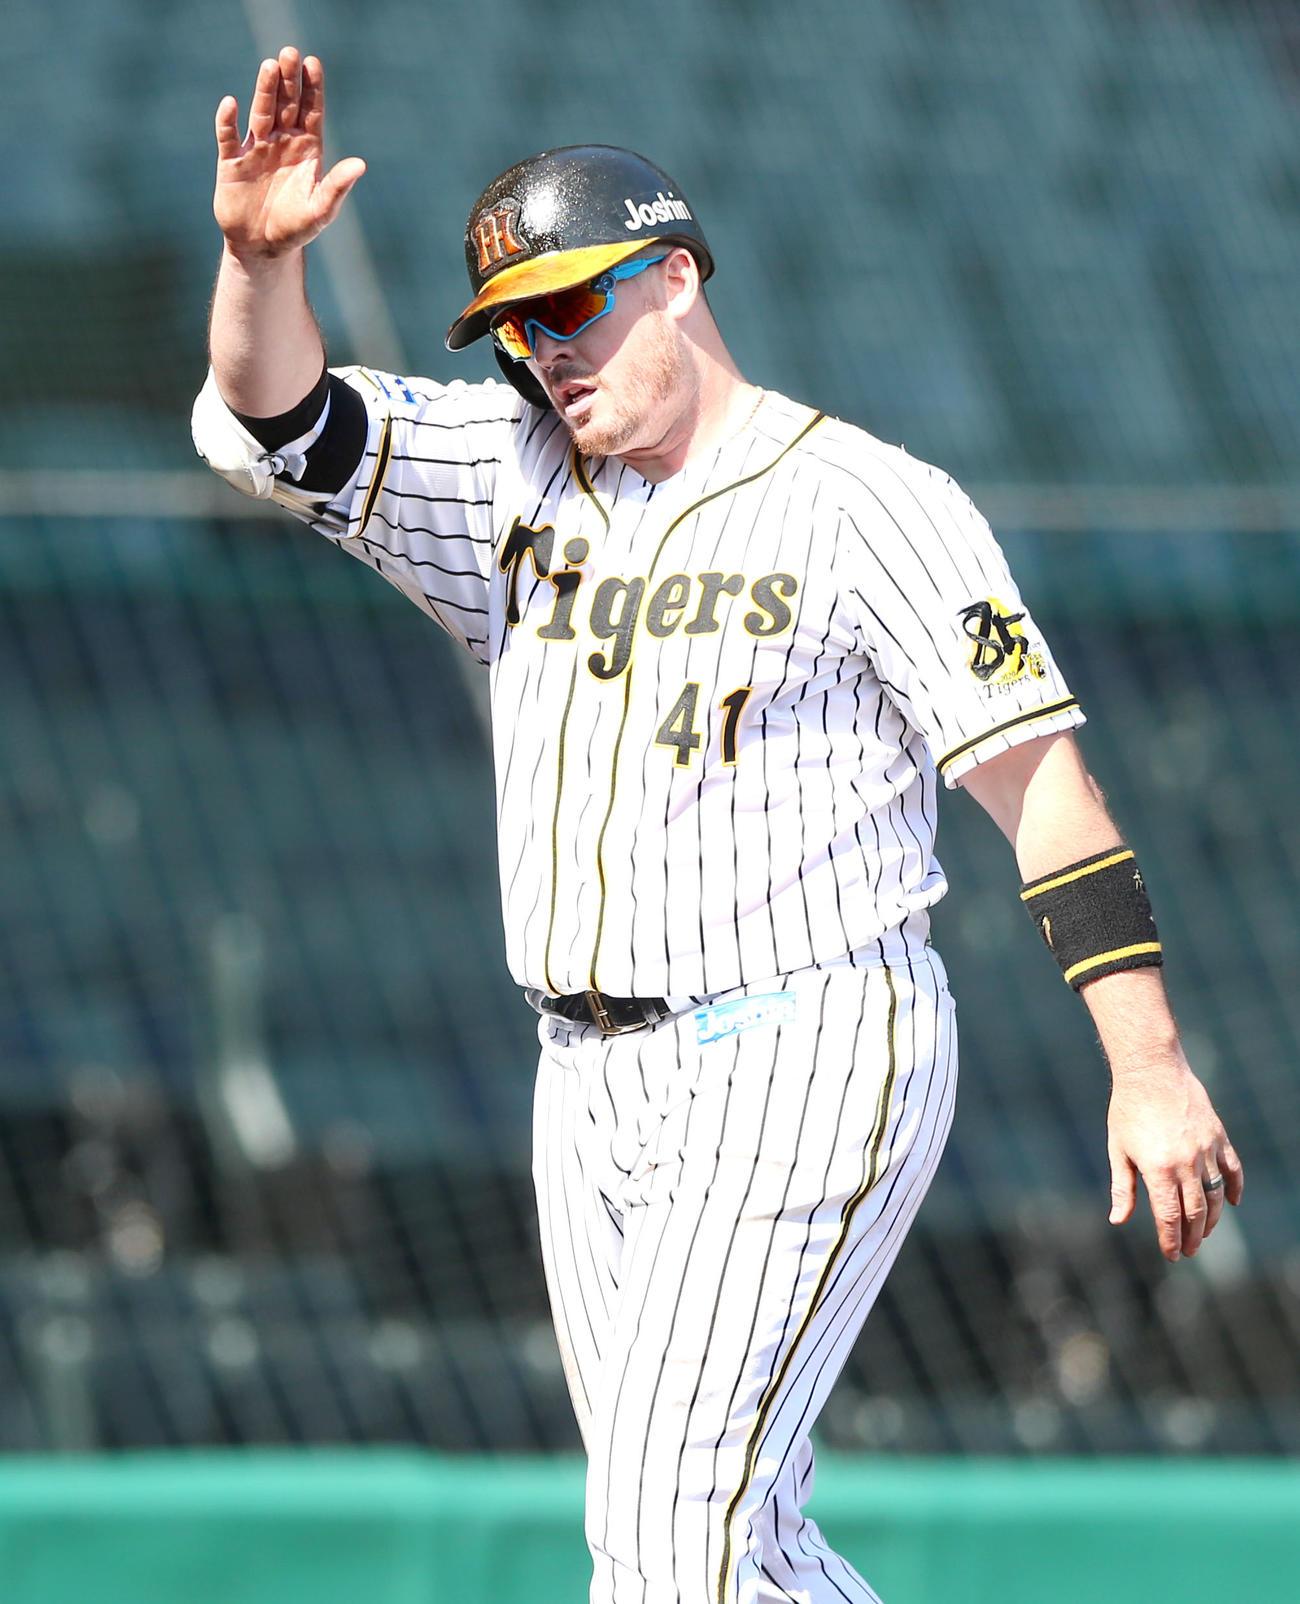 阪神対広島 4回裏阪神無死一塁、ボーアは2点本塁打を放ちナインに向かってポーズする(撮影・上山淳一)